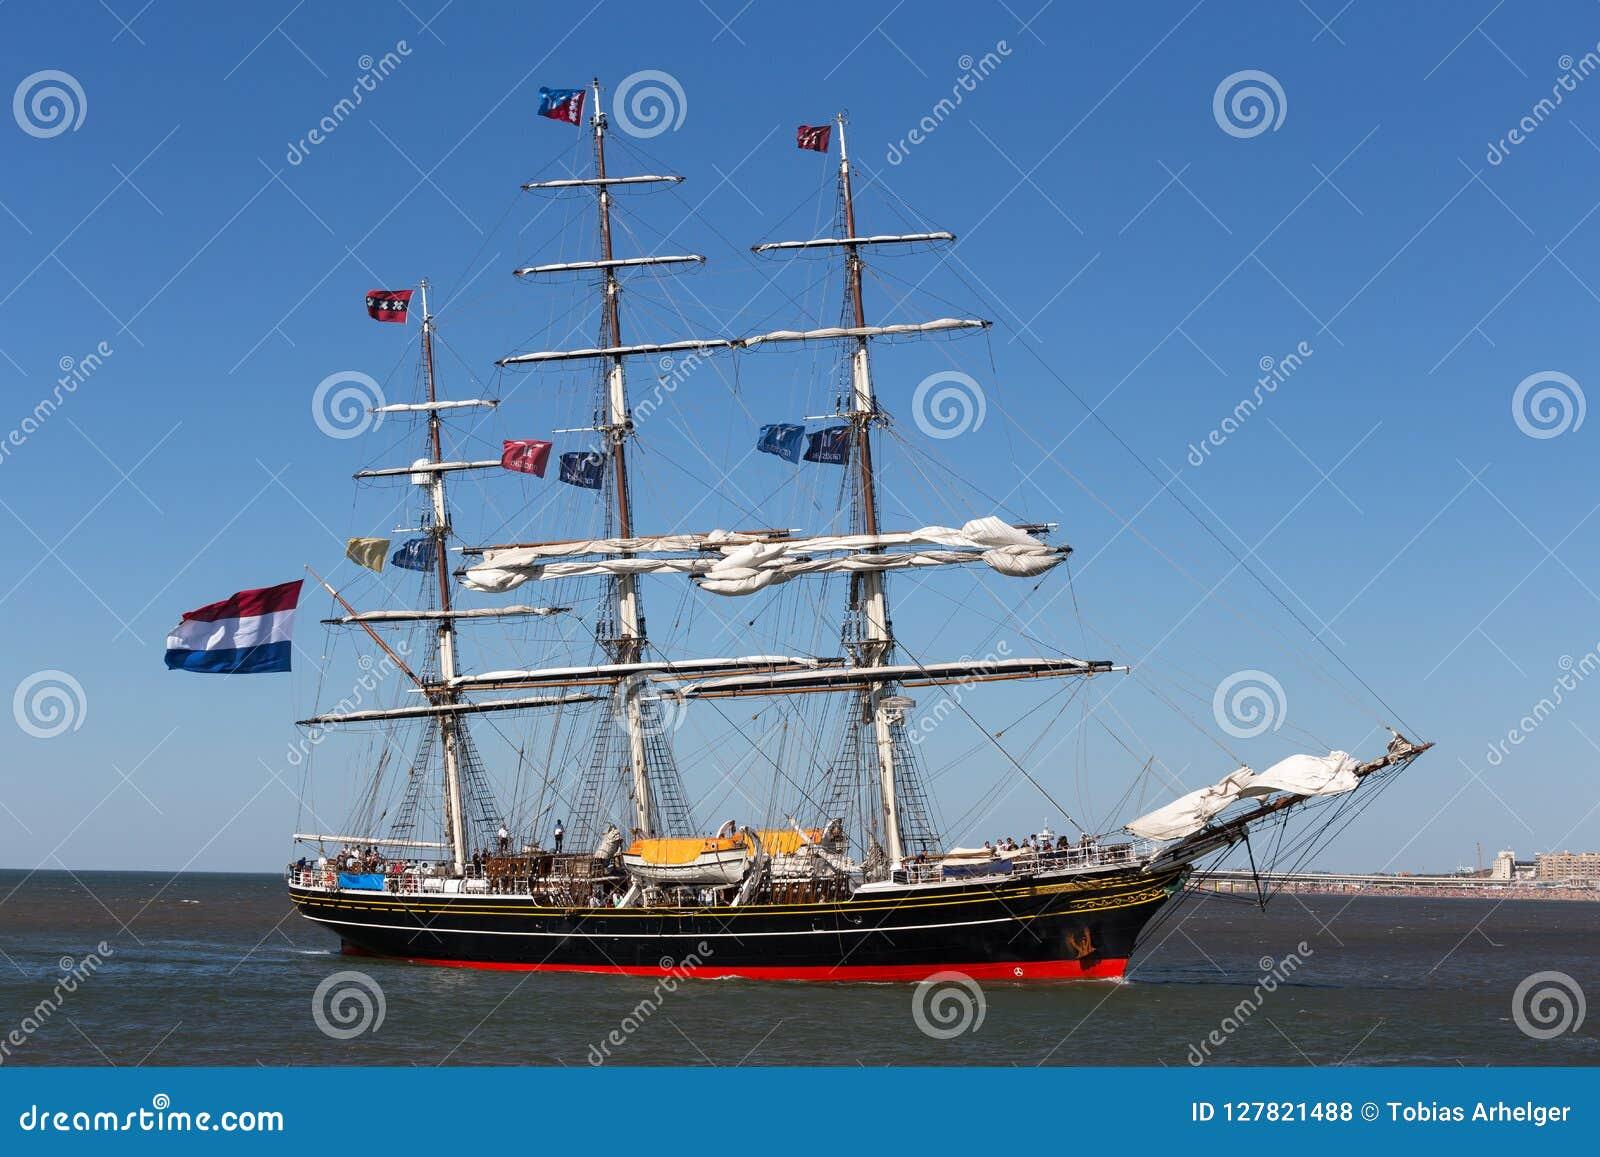 Гаага, Гаага/Нидерланд - 01 07 18: stad Амстердам парусного судна на океане Гааге Нидерланд